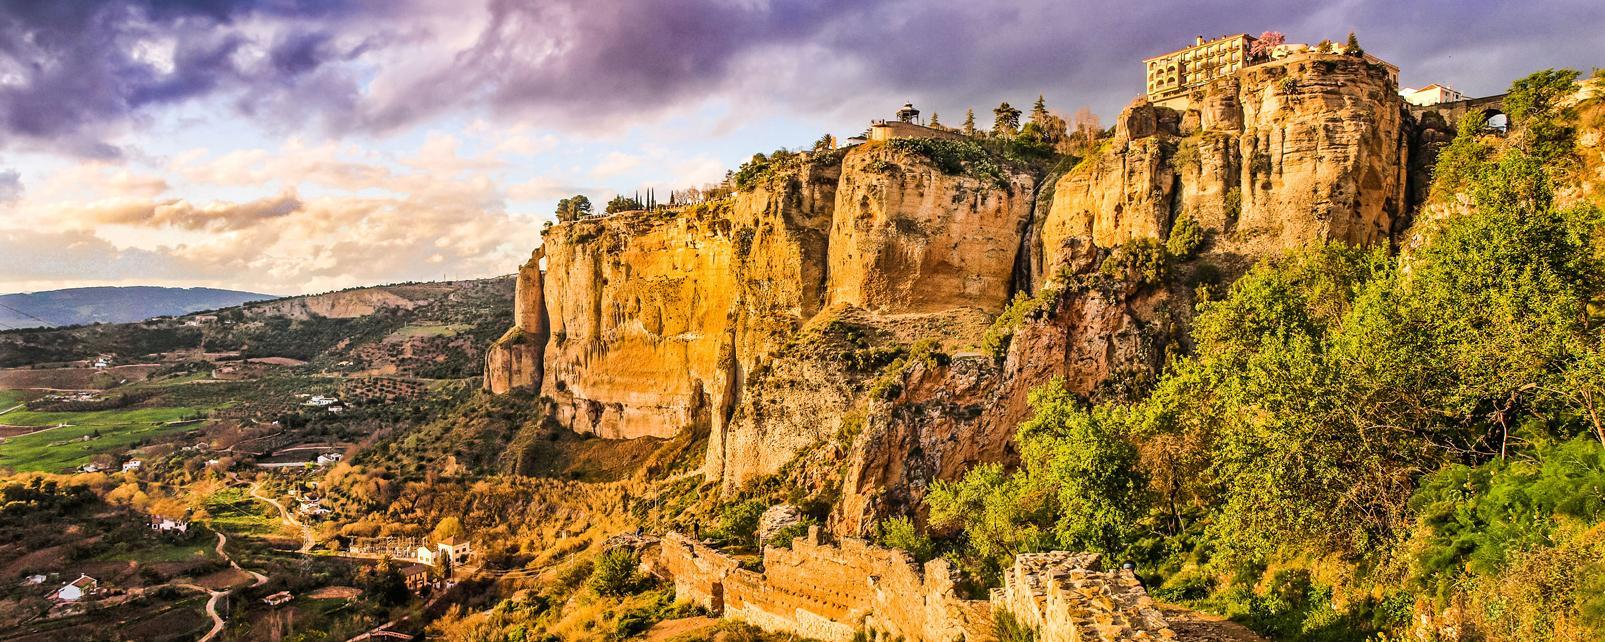 Europe, Espagne, Andalousie, Malaga, Ronda, ville, village, montagne, rocher, maison, arbre,